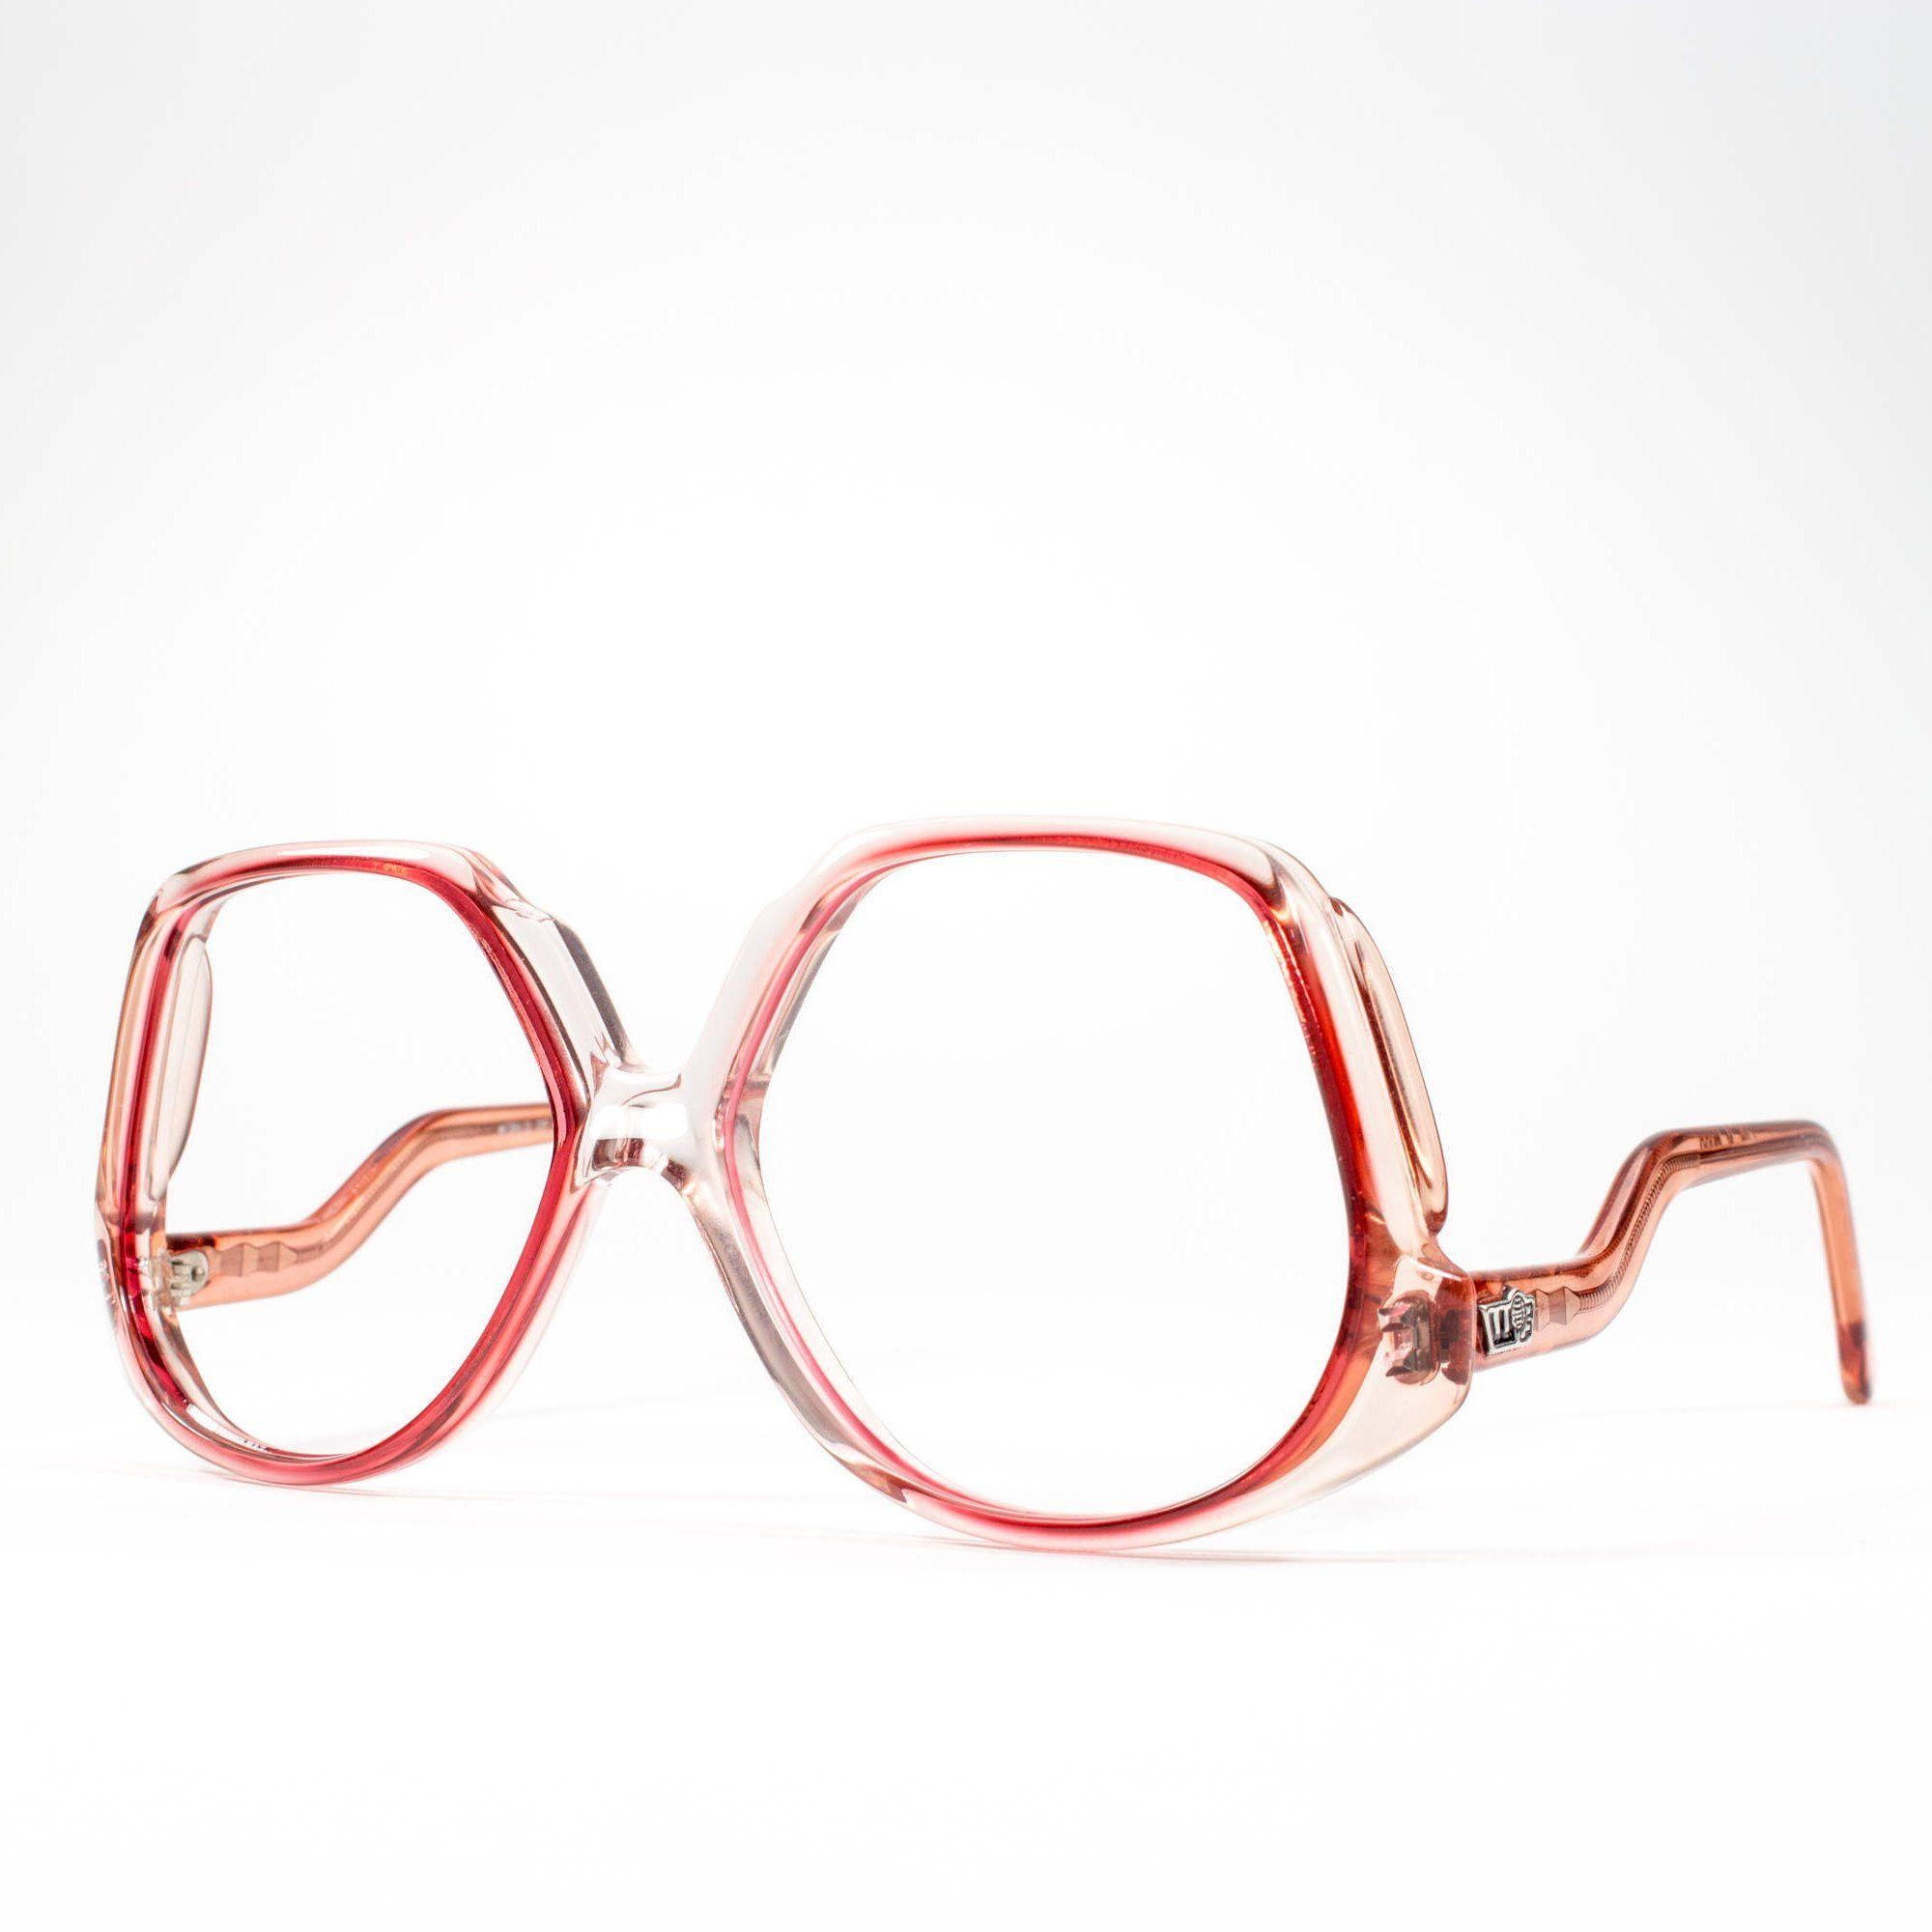 70s Glasses Vintage Eyeglasses 1970s Oversized Glasses Frames 1970s Deadstock Mood Che 70s Glasses Oversized Glasses Frames Eyeglasses Frames For Women